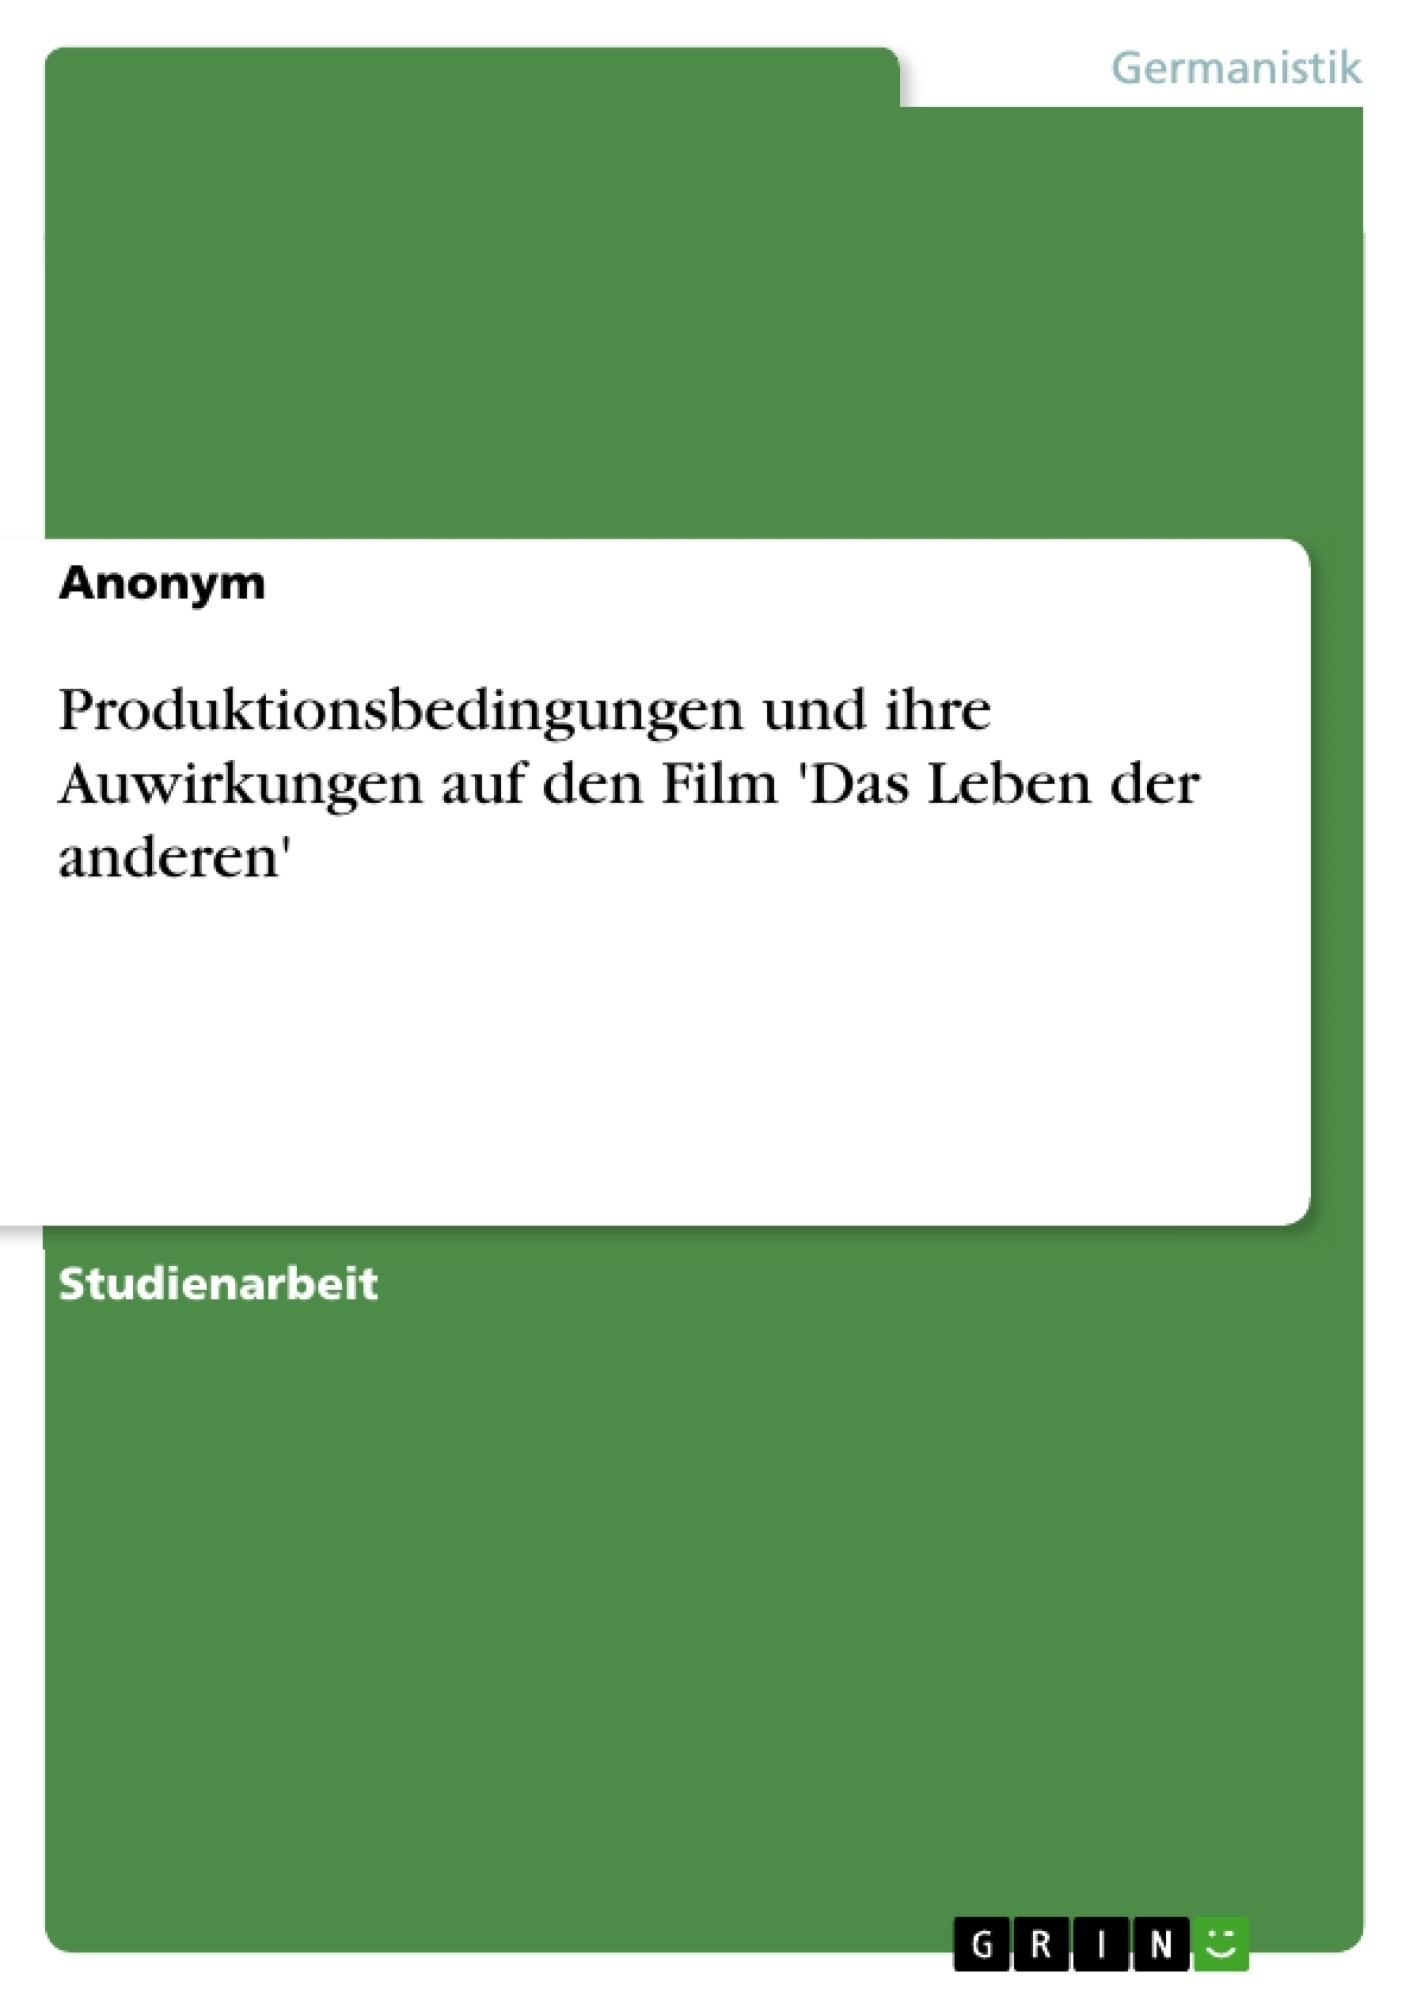 Titel: Produktionsbedingungen und ihre Auwirkungen auf den Film 'Das Leben der anderen'